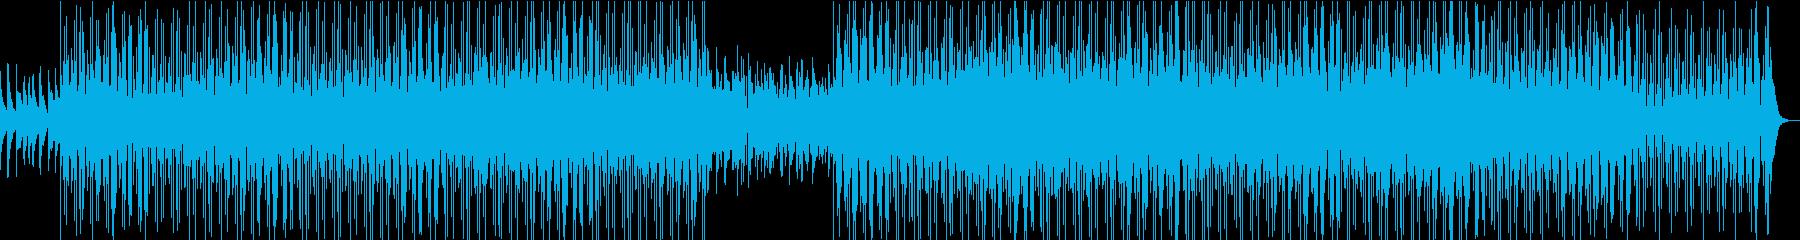 イベント等で雰囲気作りに使えるジャズの再生済みの波形